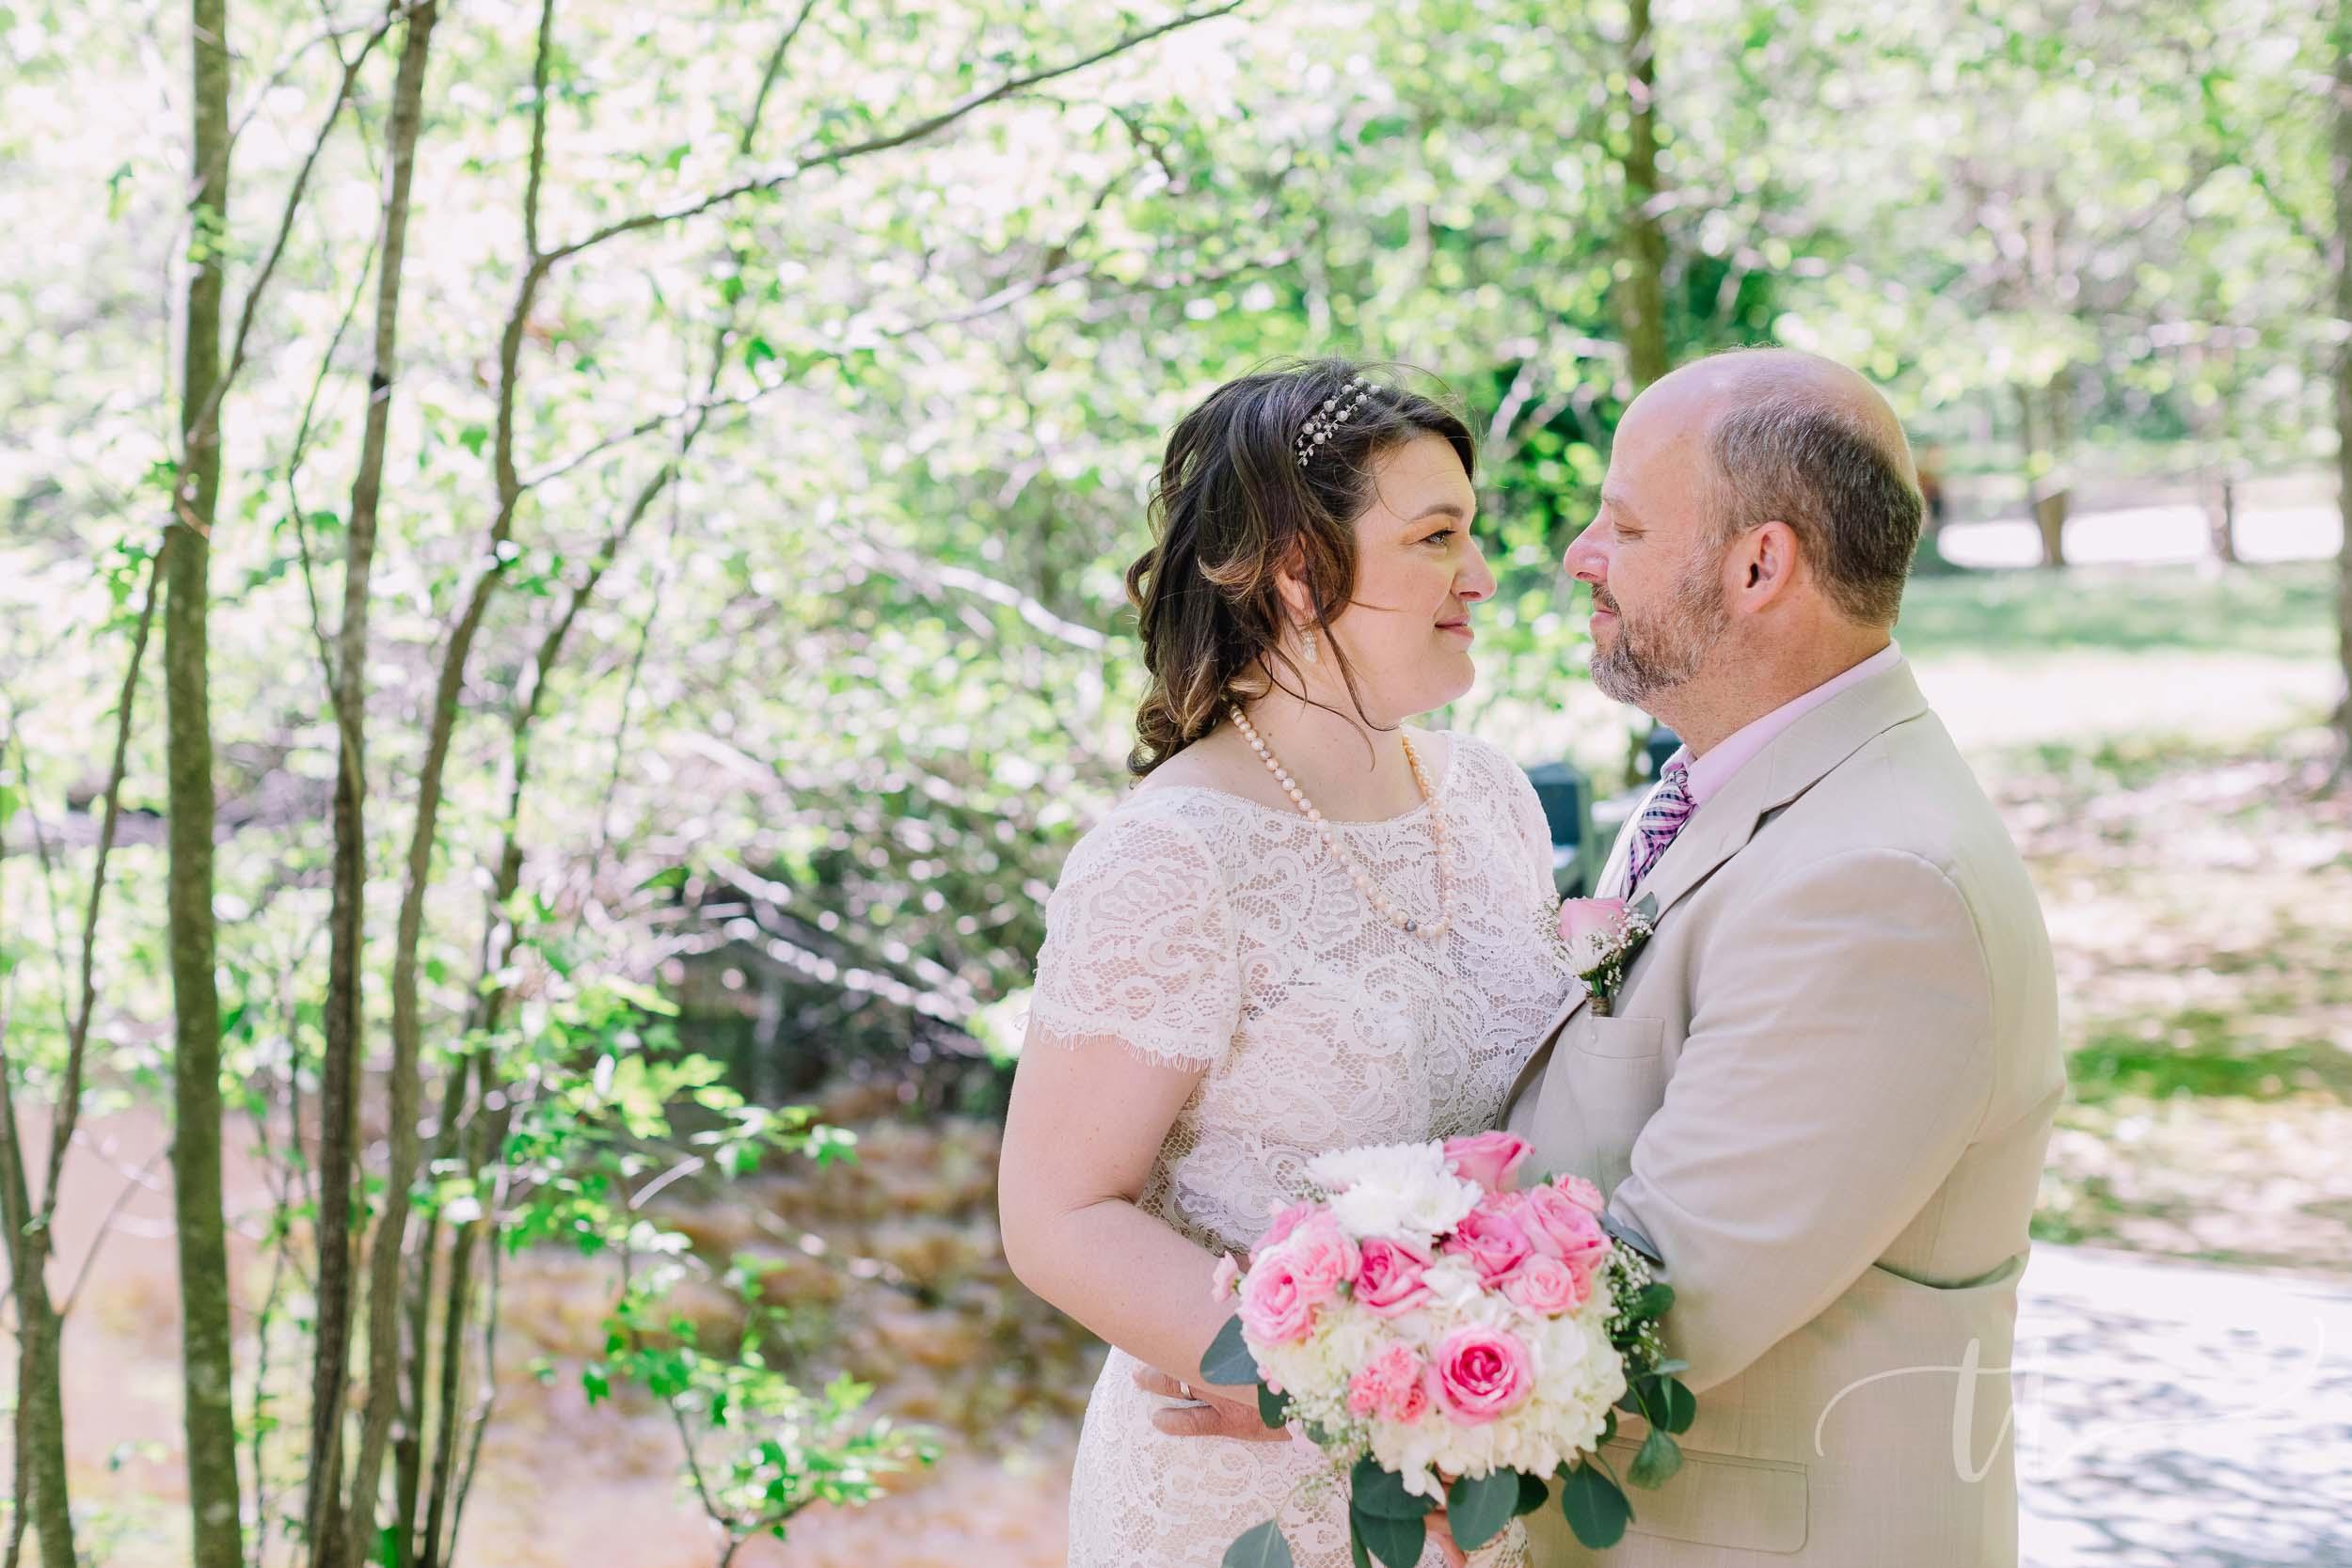 pleasant-garden-wedding-16.jpg